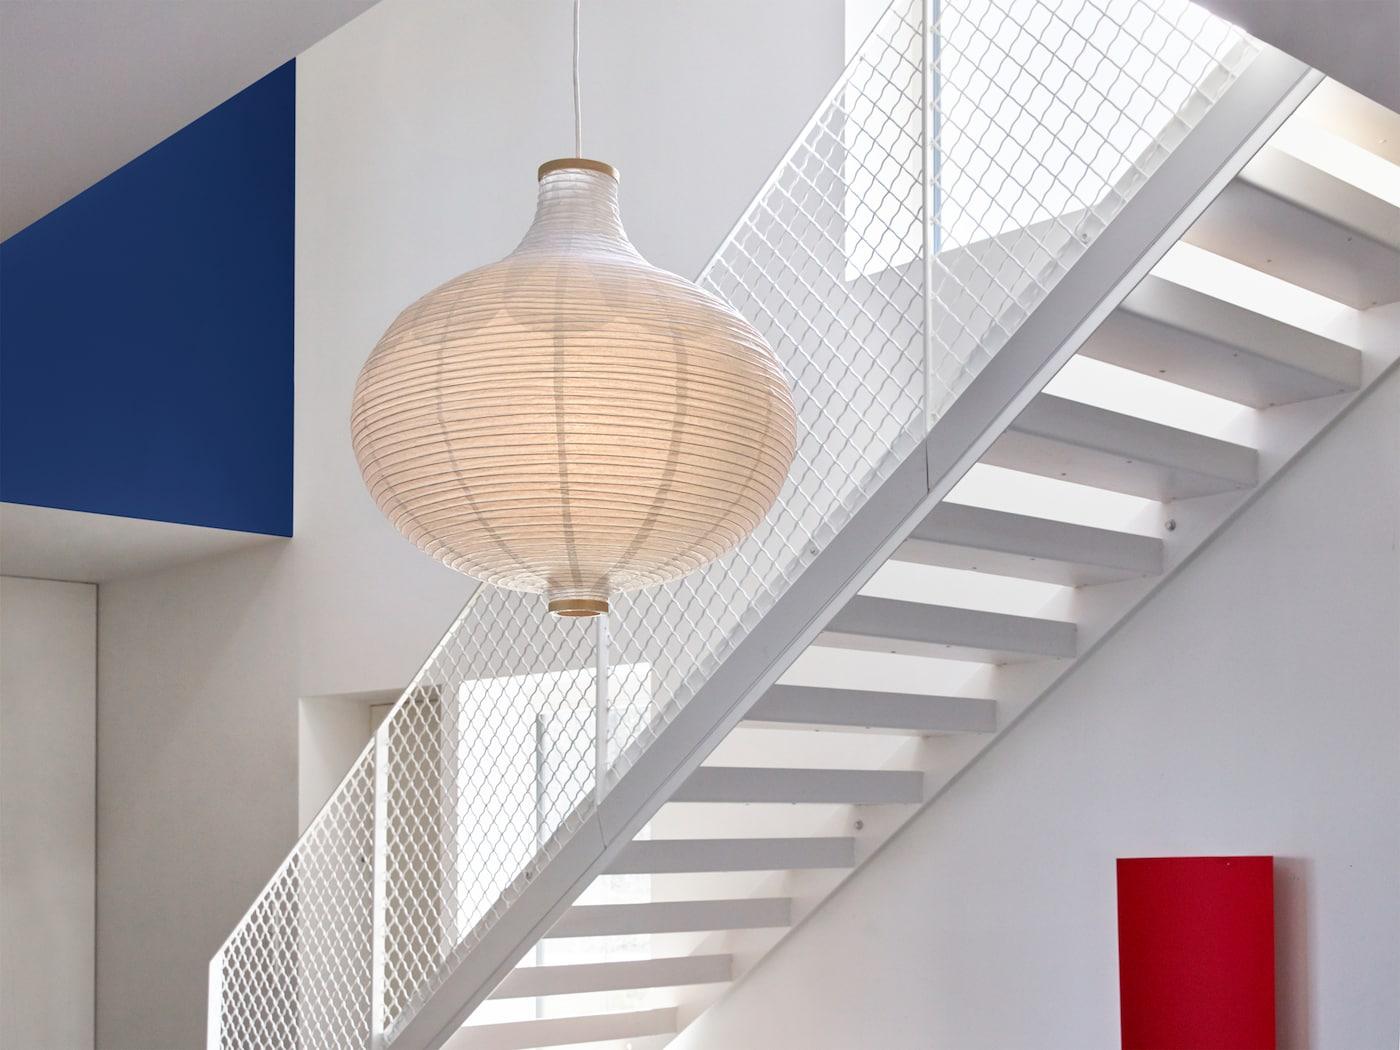 Riisipaperista tehty ja sipulinmuotoinen RISBYN kattovalaisimen varjostin, jossa on läpikuultava koristekuvio.